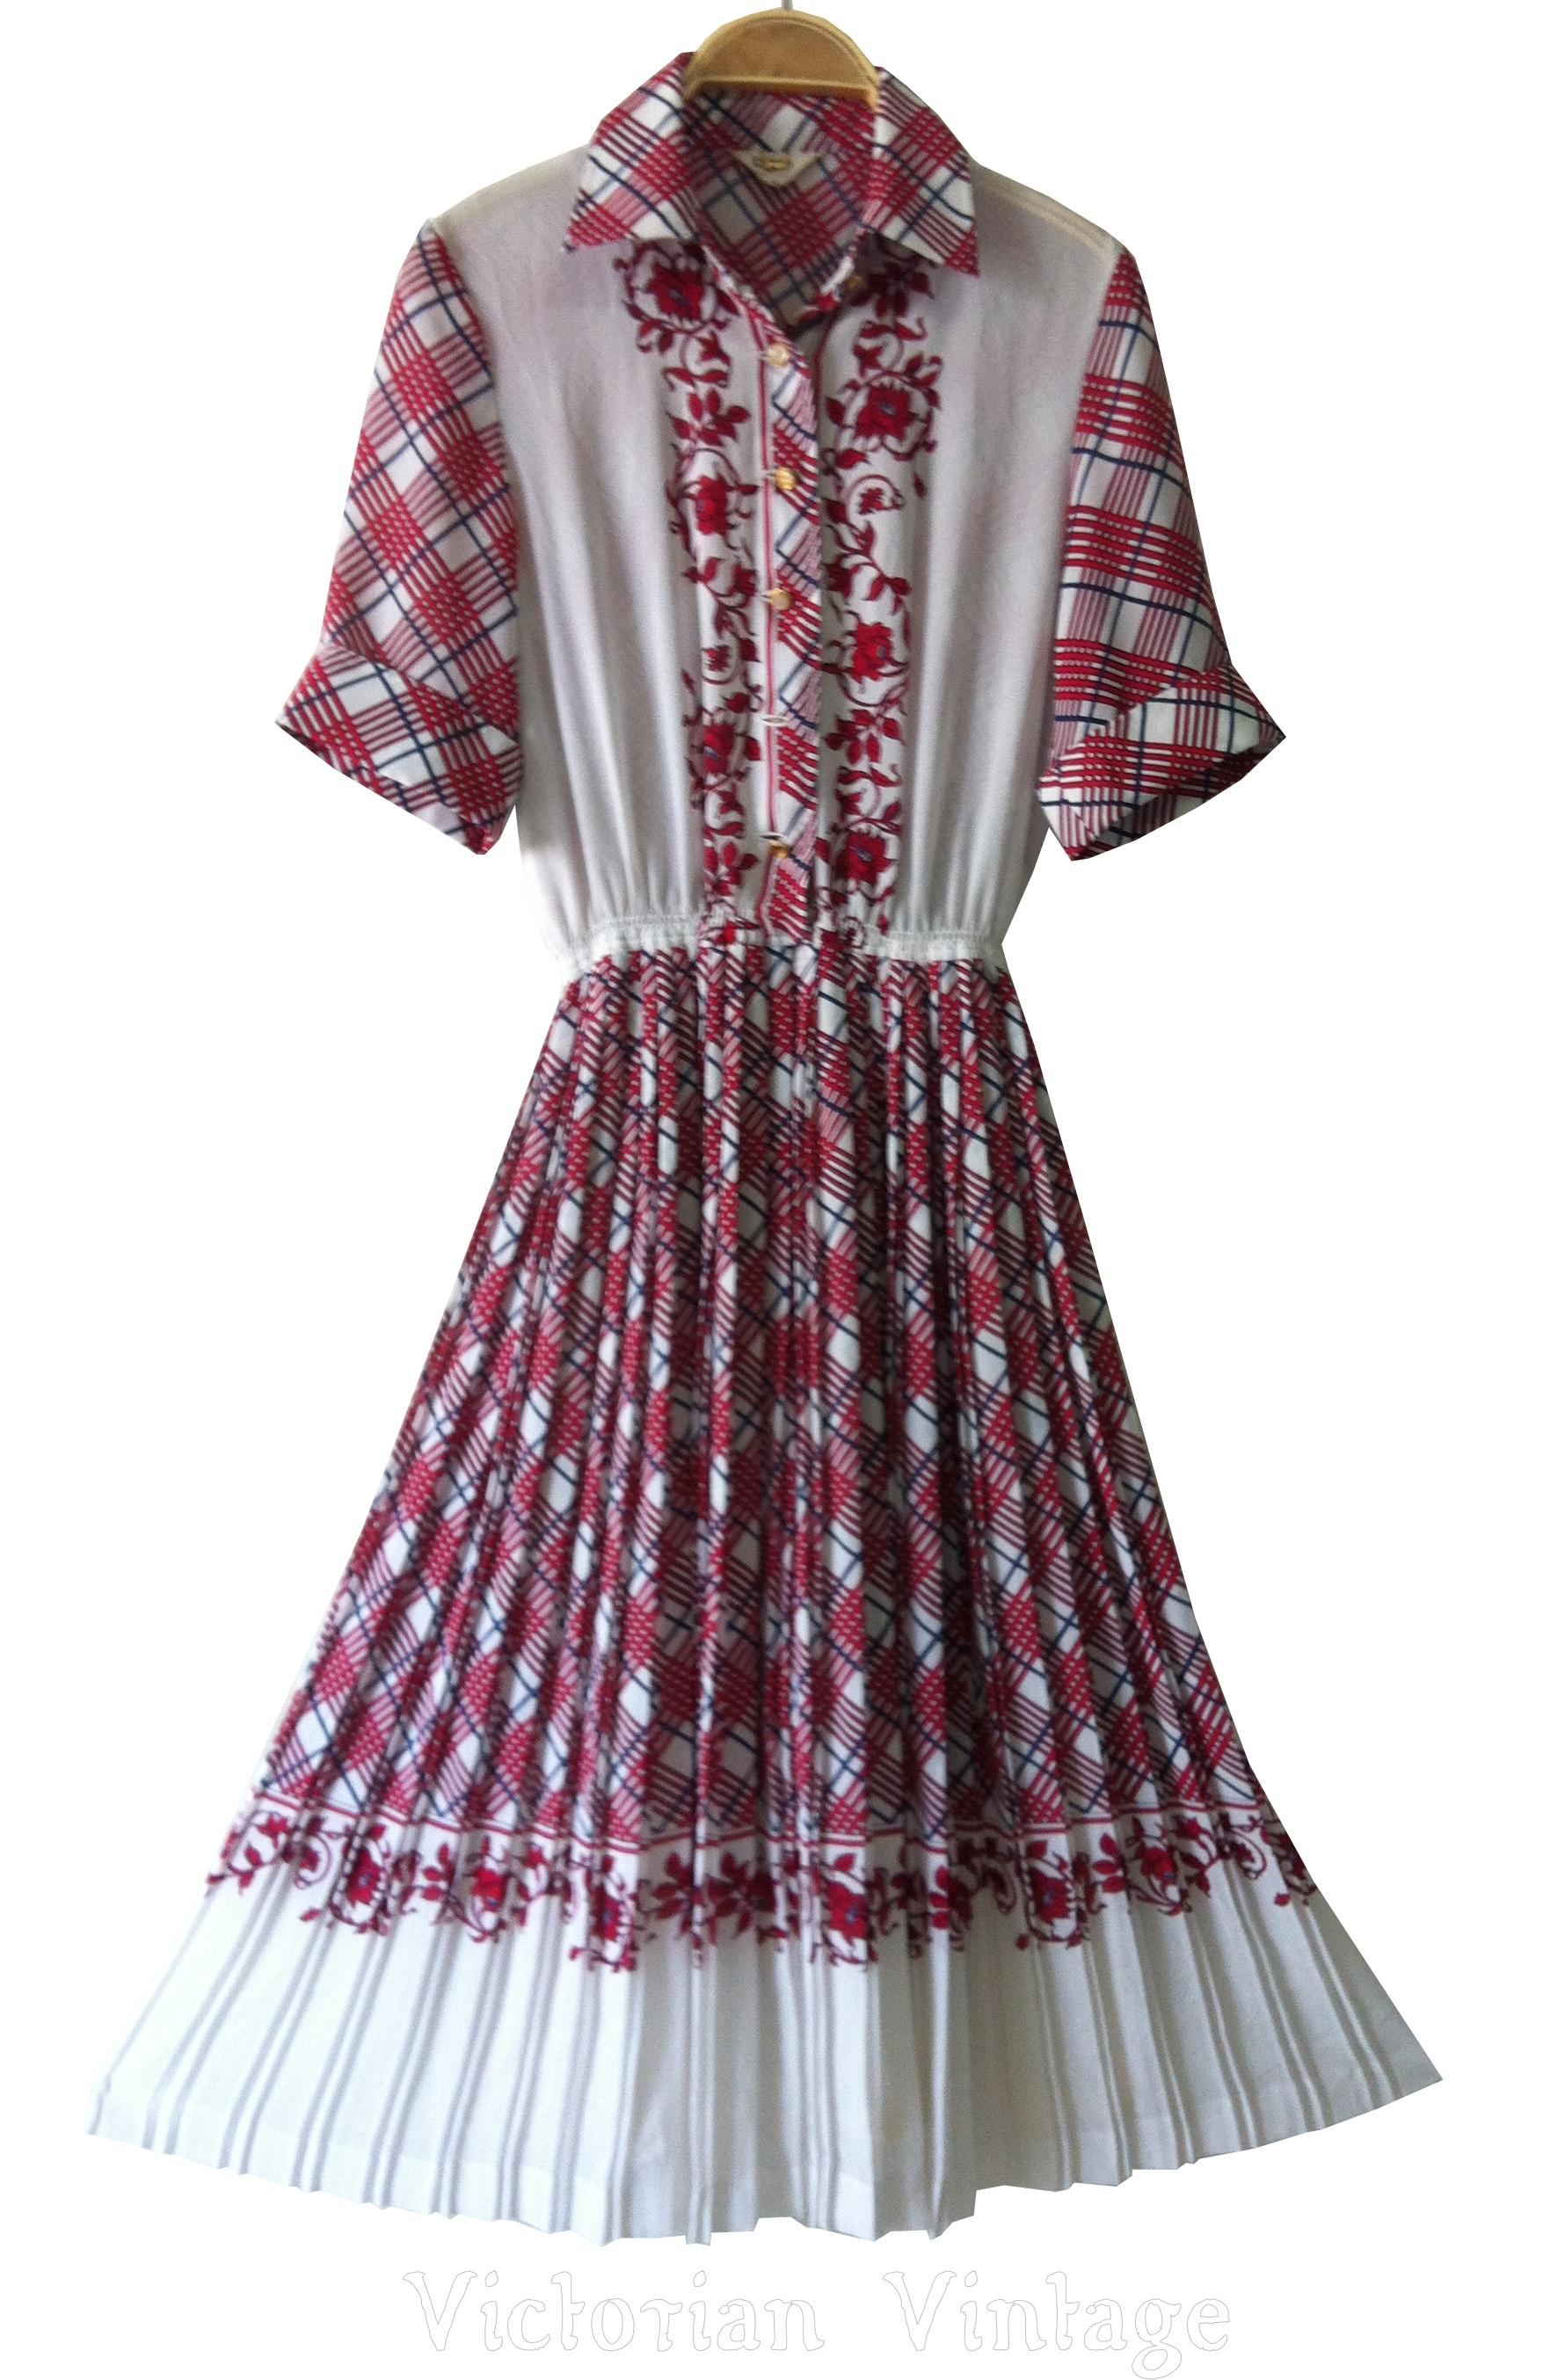 เดรสวินเทจ ลายเชิง งานญี่ปุ่น Vintage Dresses BRAND : ROCO